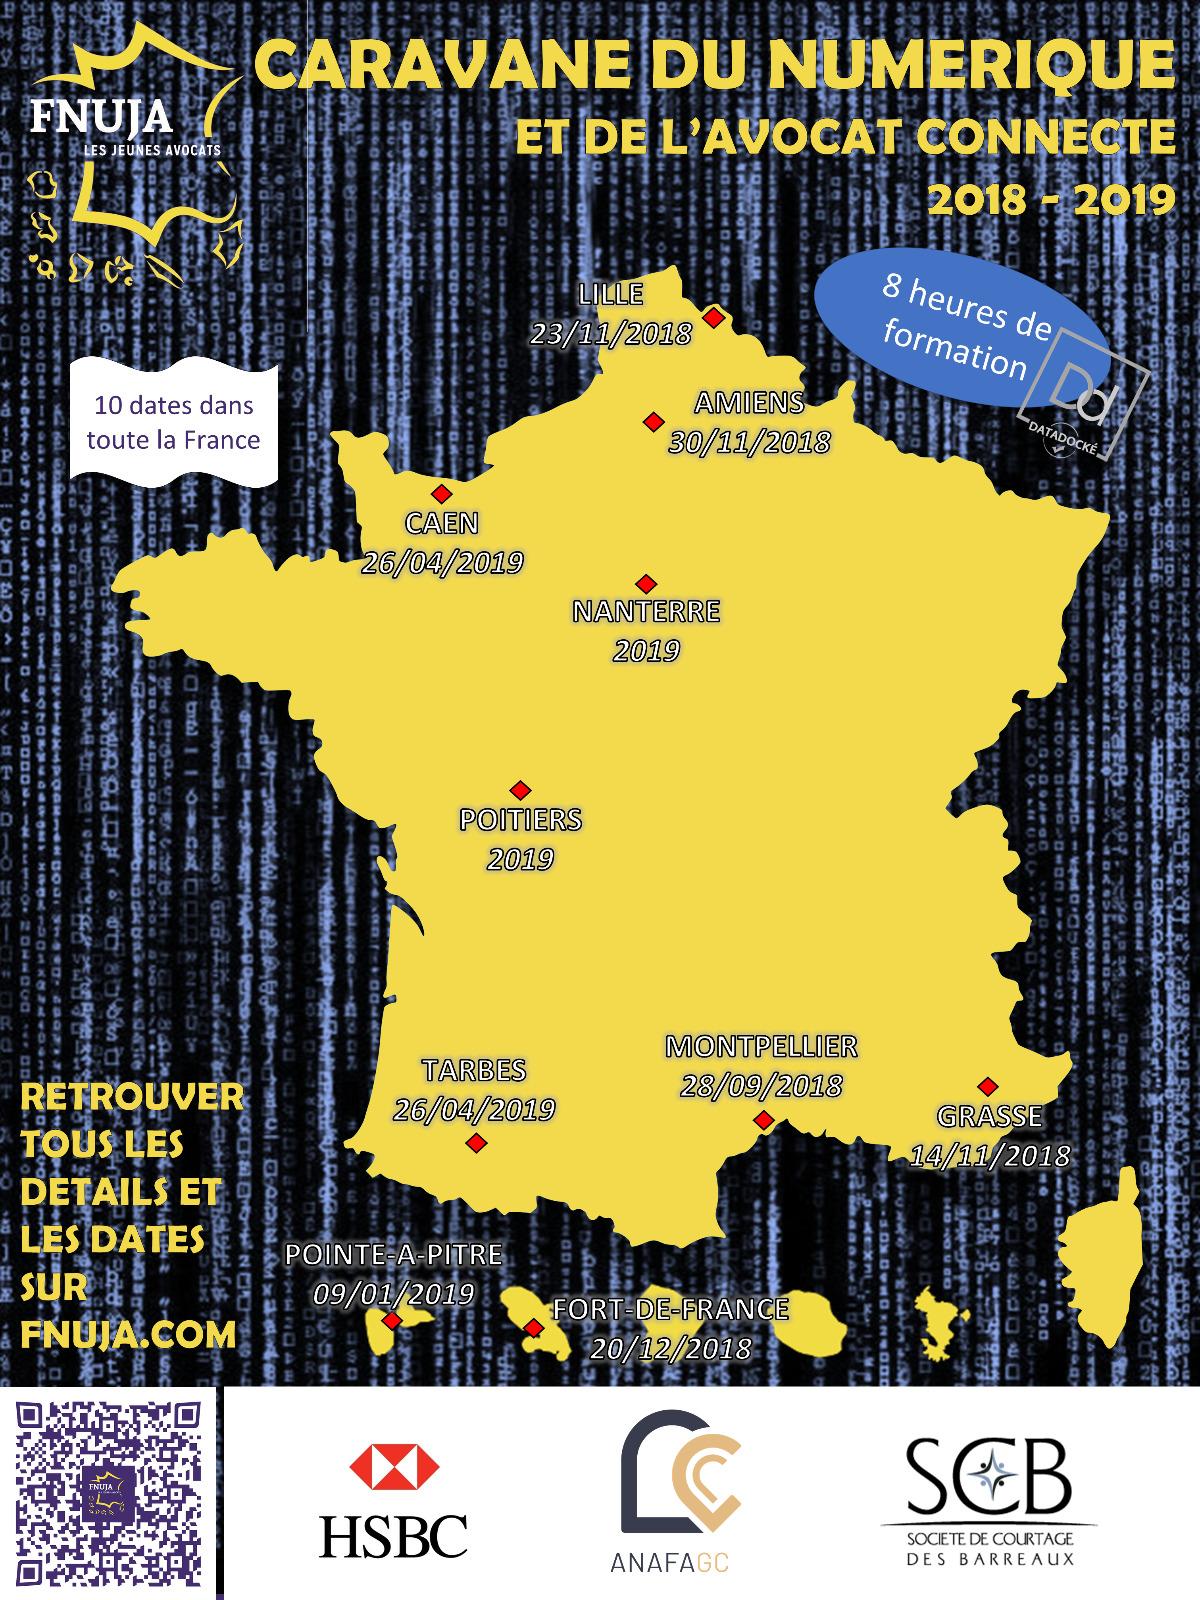 La Caravane du Numérique et de l'Avocat Connecté - Edition 2018 - 2019